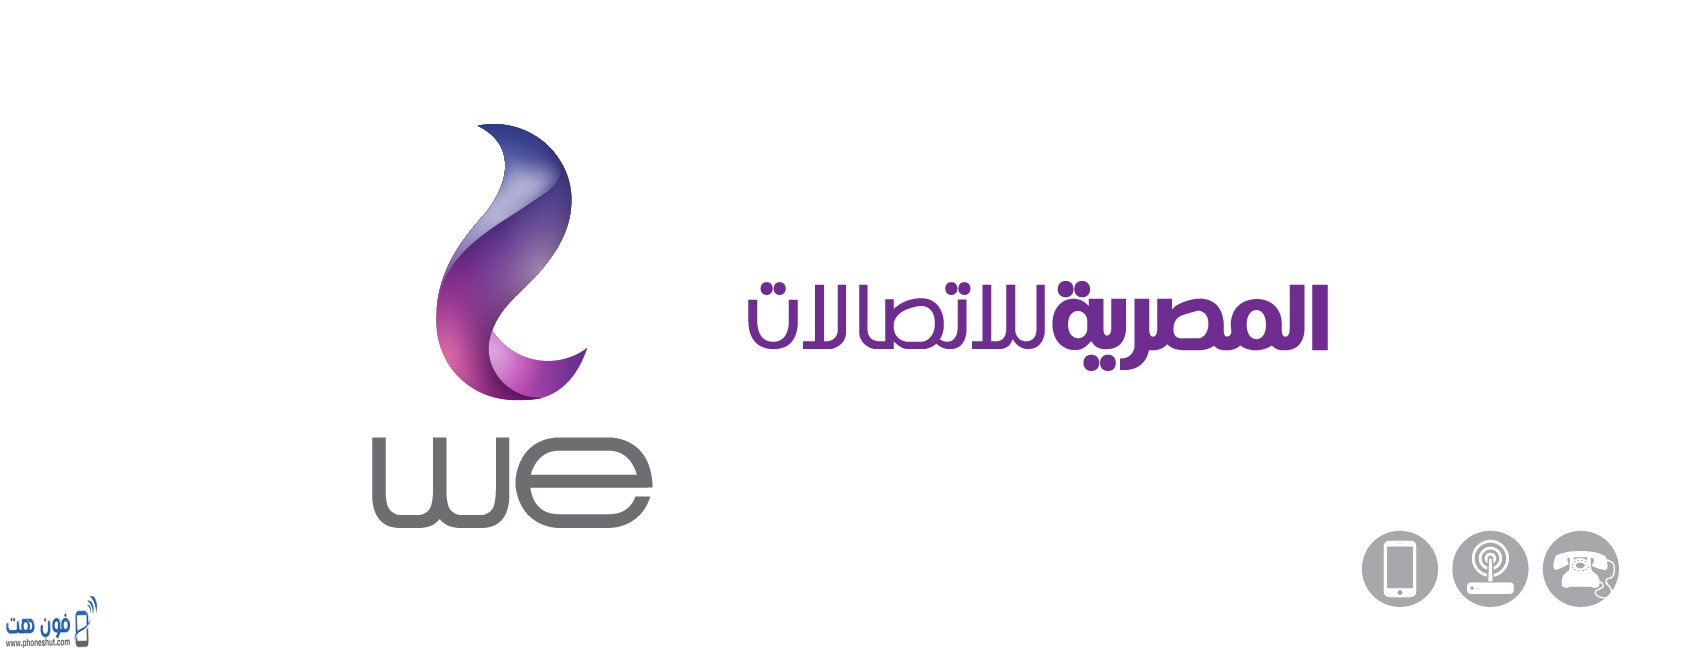 جميع ارقام خدمة عملاءالمصرية للاتصالات وي we